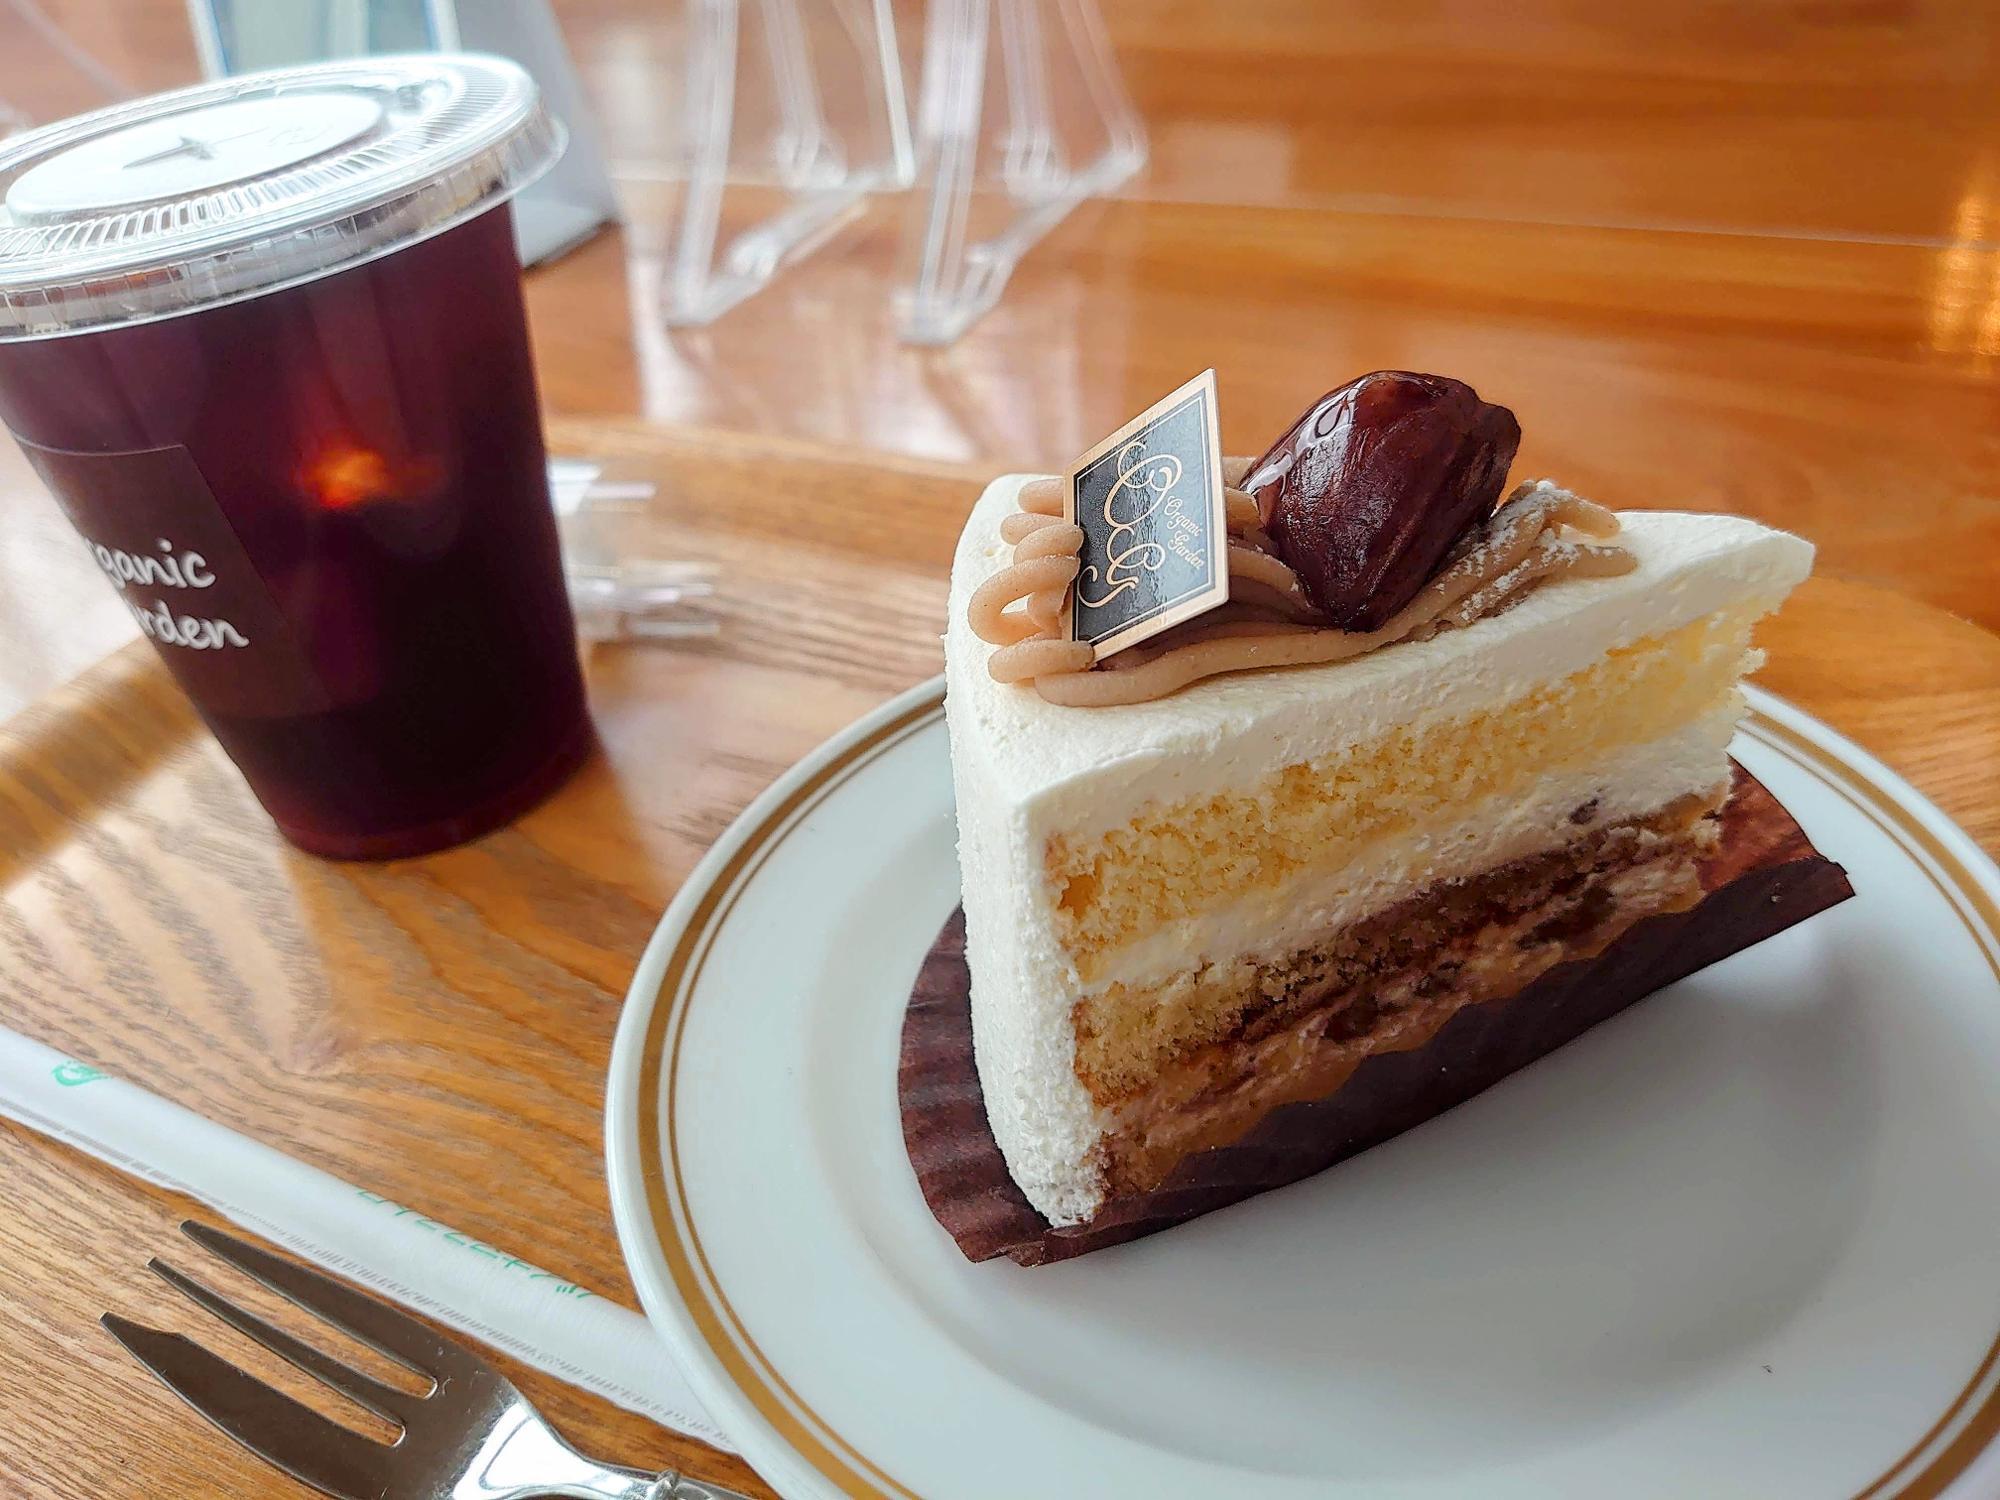 オーガニックコーヒー(400円)と渋皮栗のショートケーキ(700円)